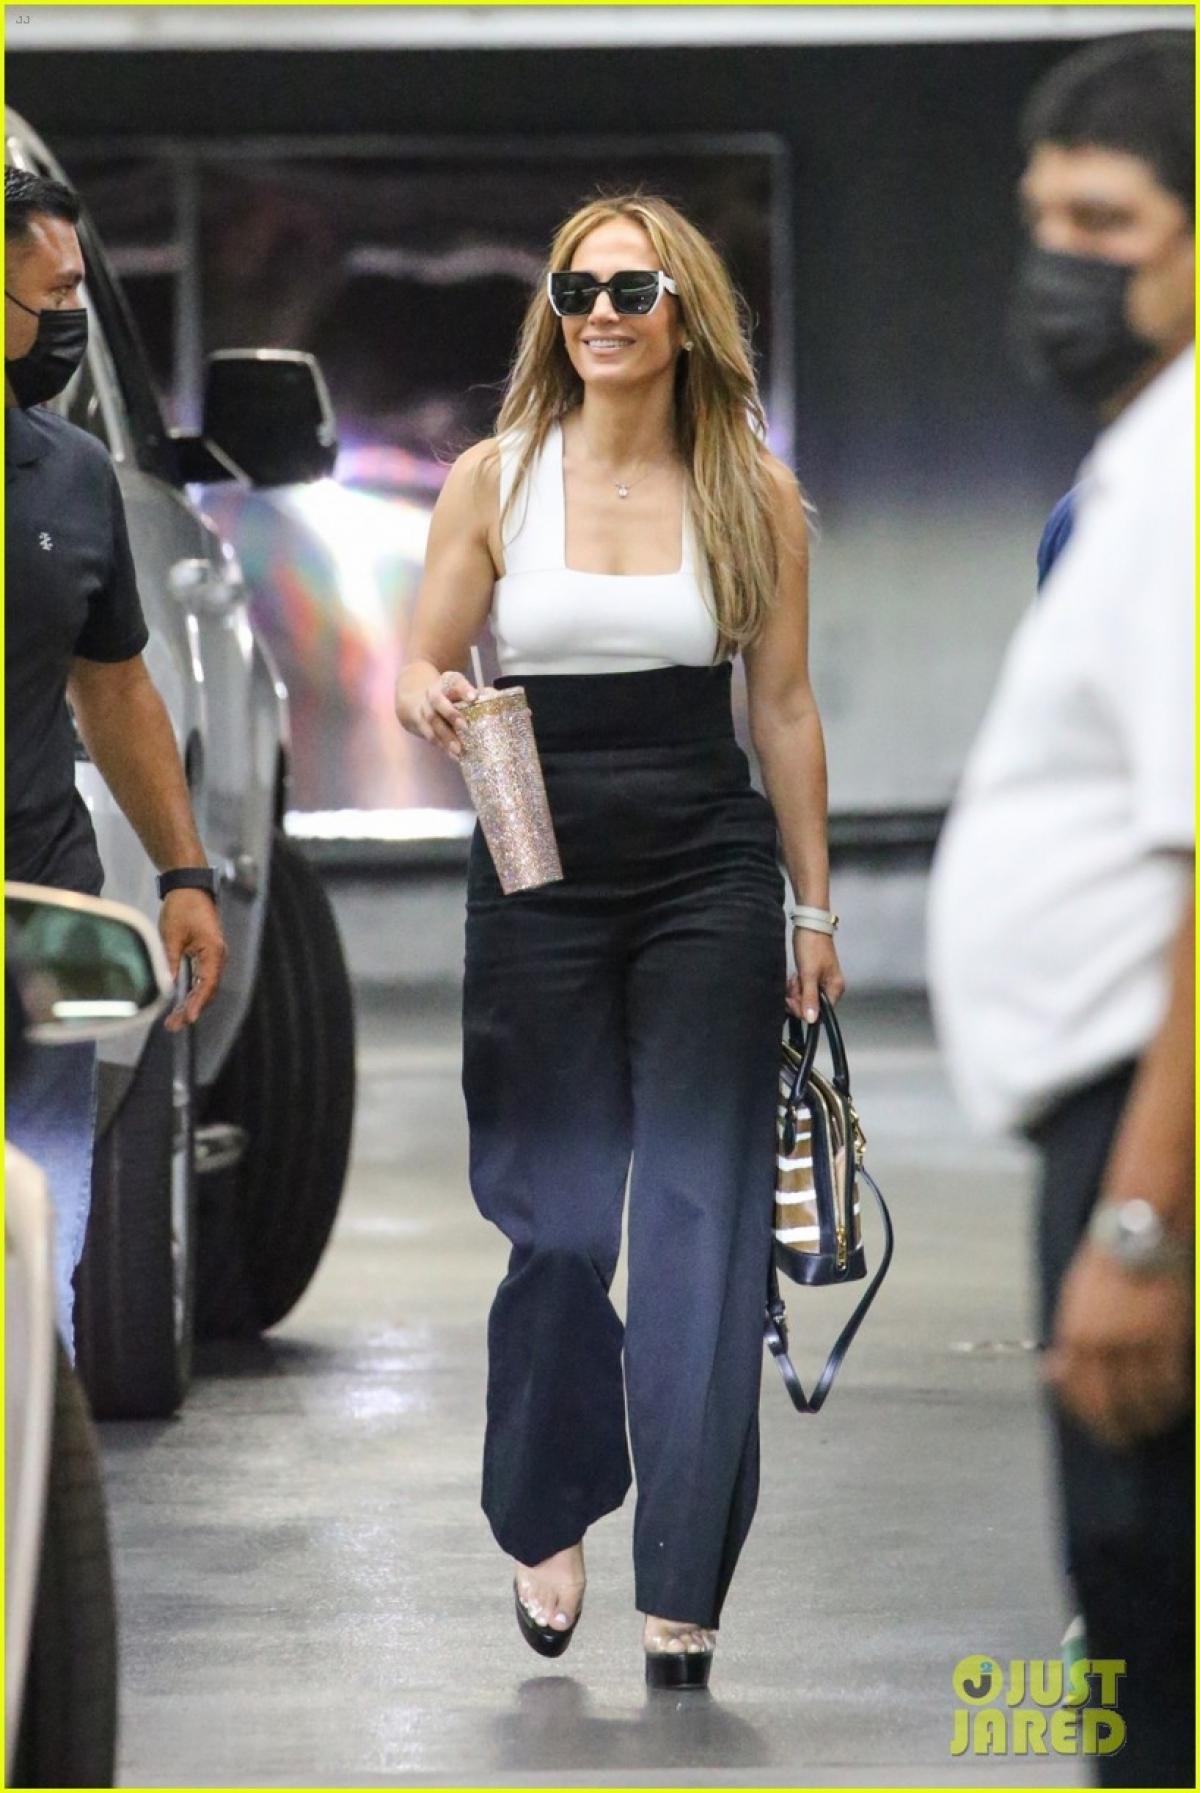 Ở tuổi 52, Jennifer Lopez vẫn thu hút bởi vẻ ngoài trẻ trung, thanh lịch và vô cùng cuốn hút.